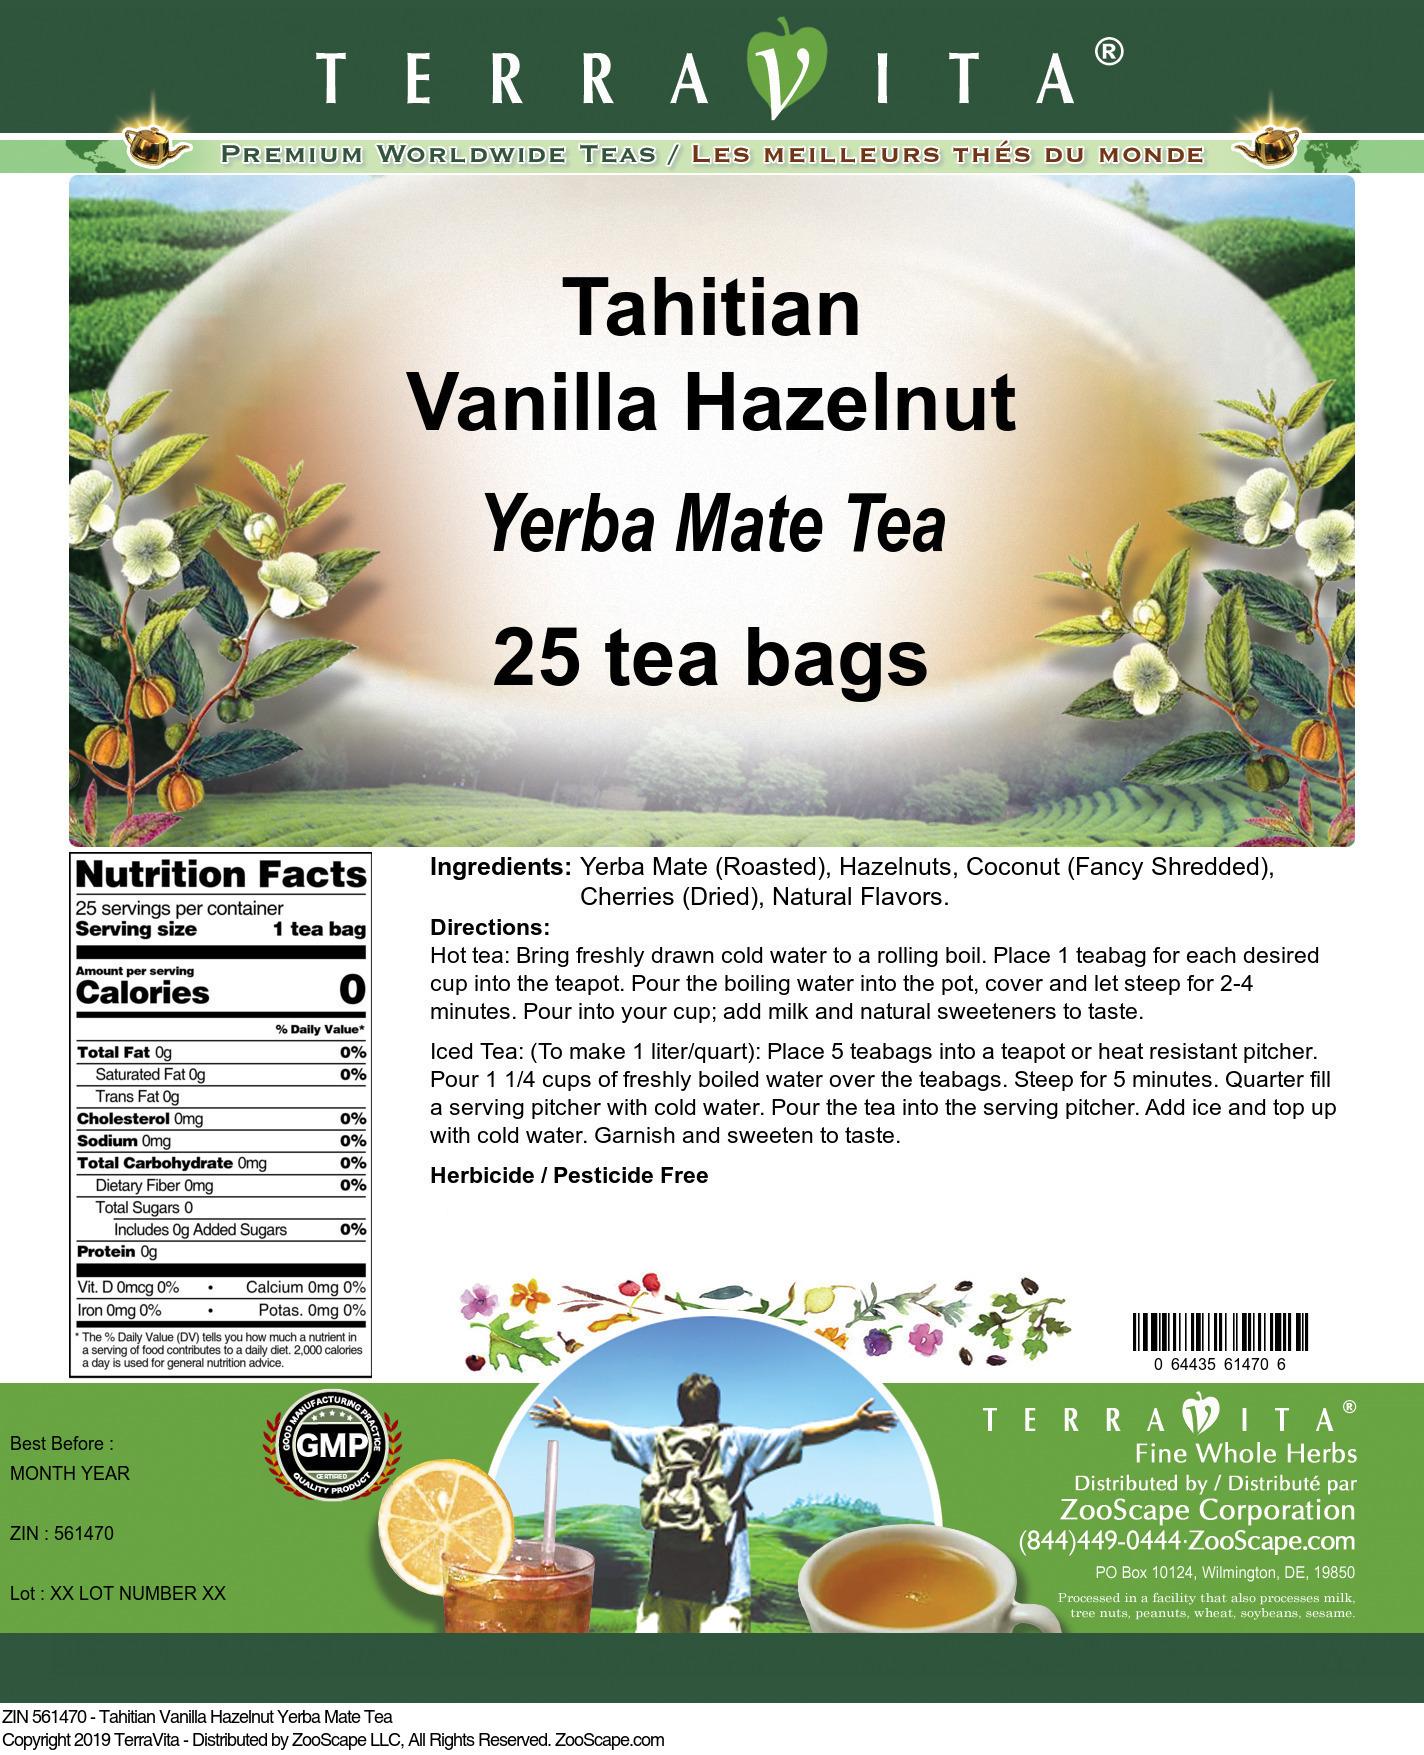 Tahitian Vanilla Hazelnut Yerba Mate Tea